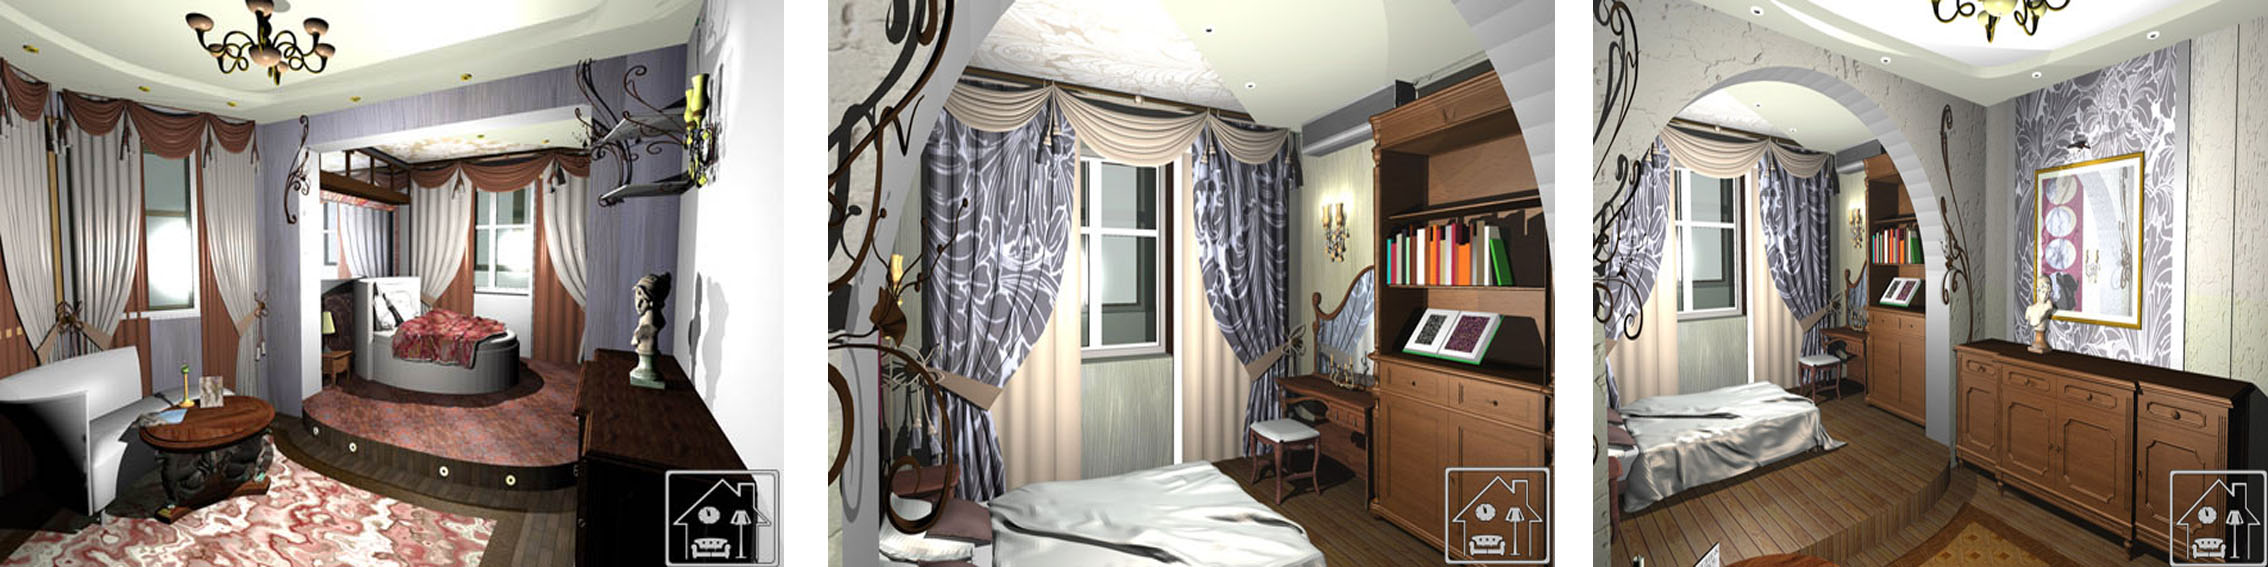 Спальня в классическом стиле на подиуме 4